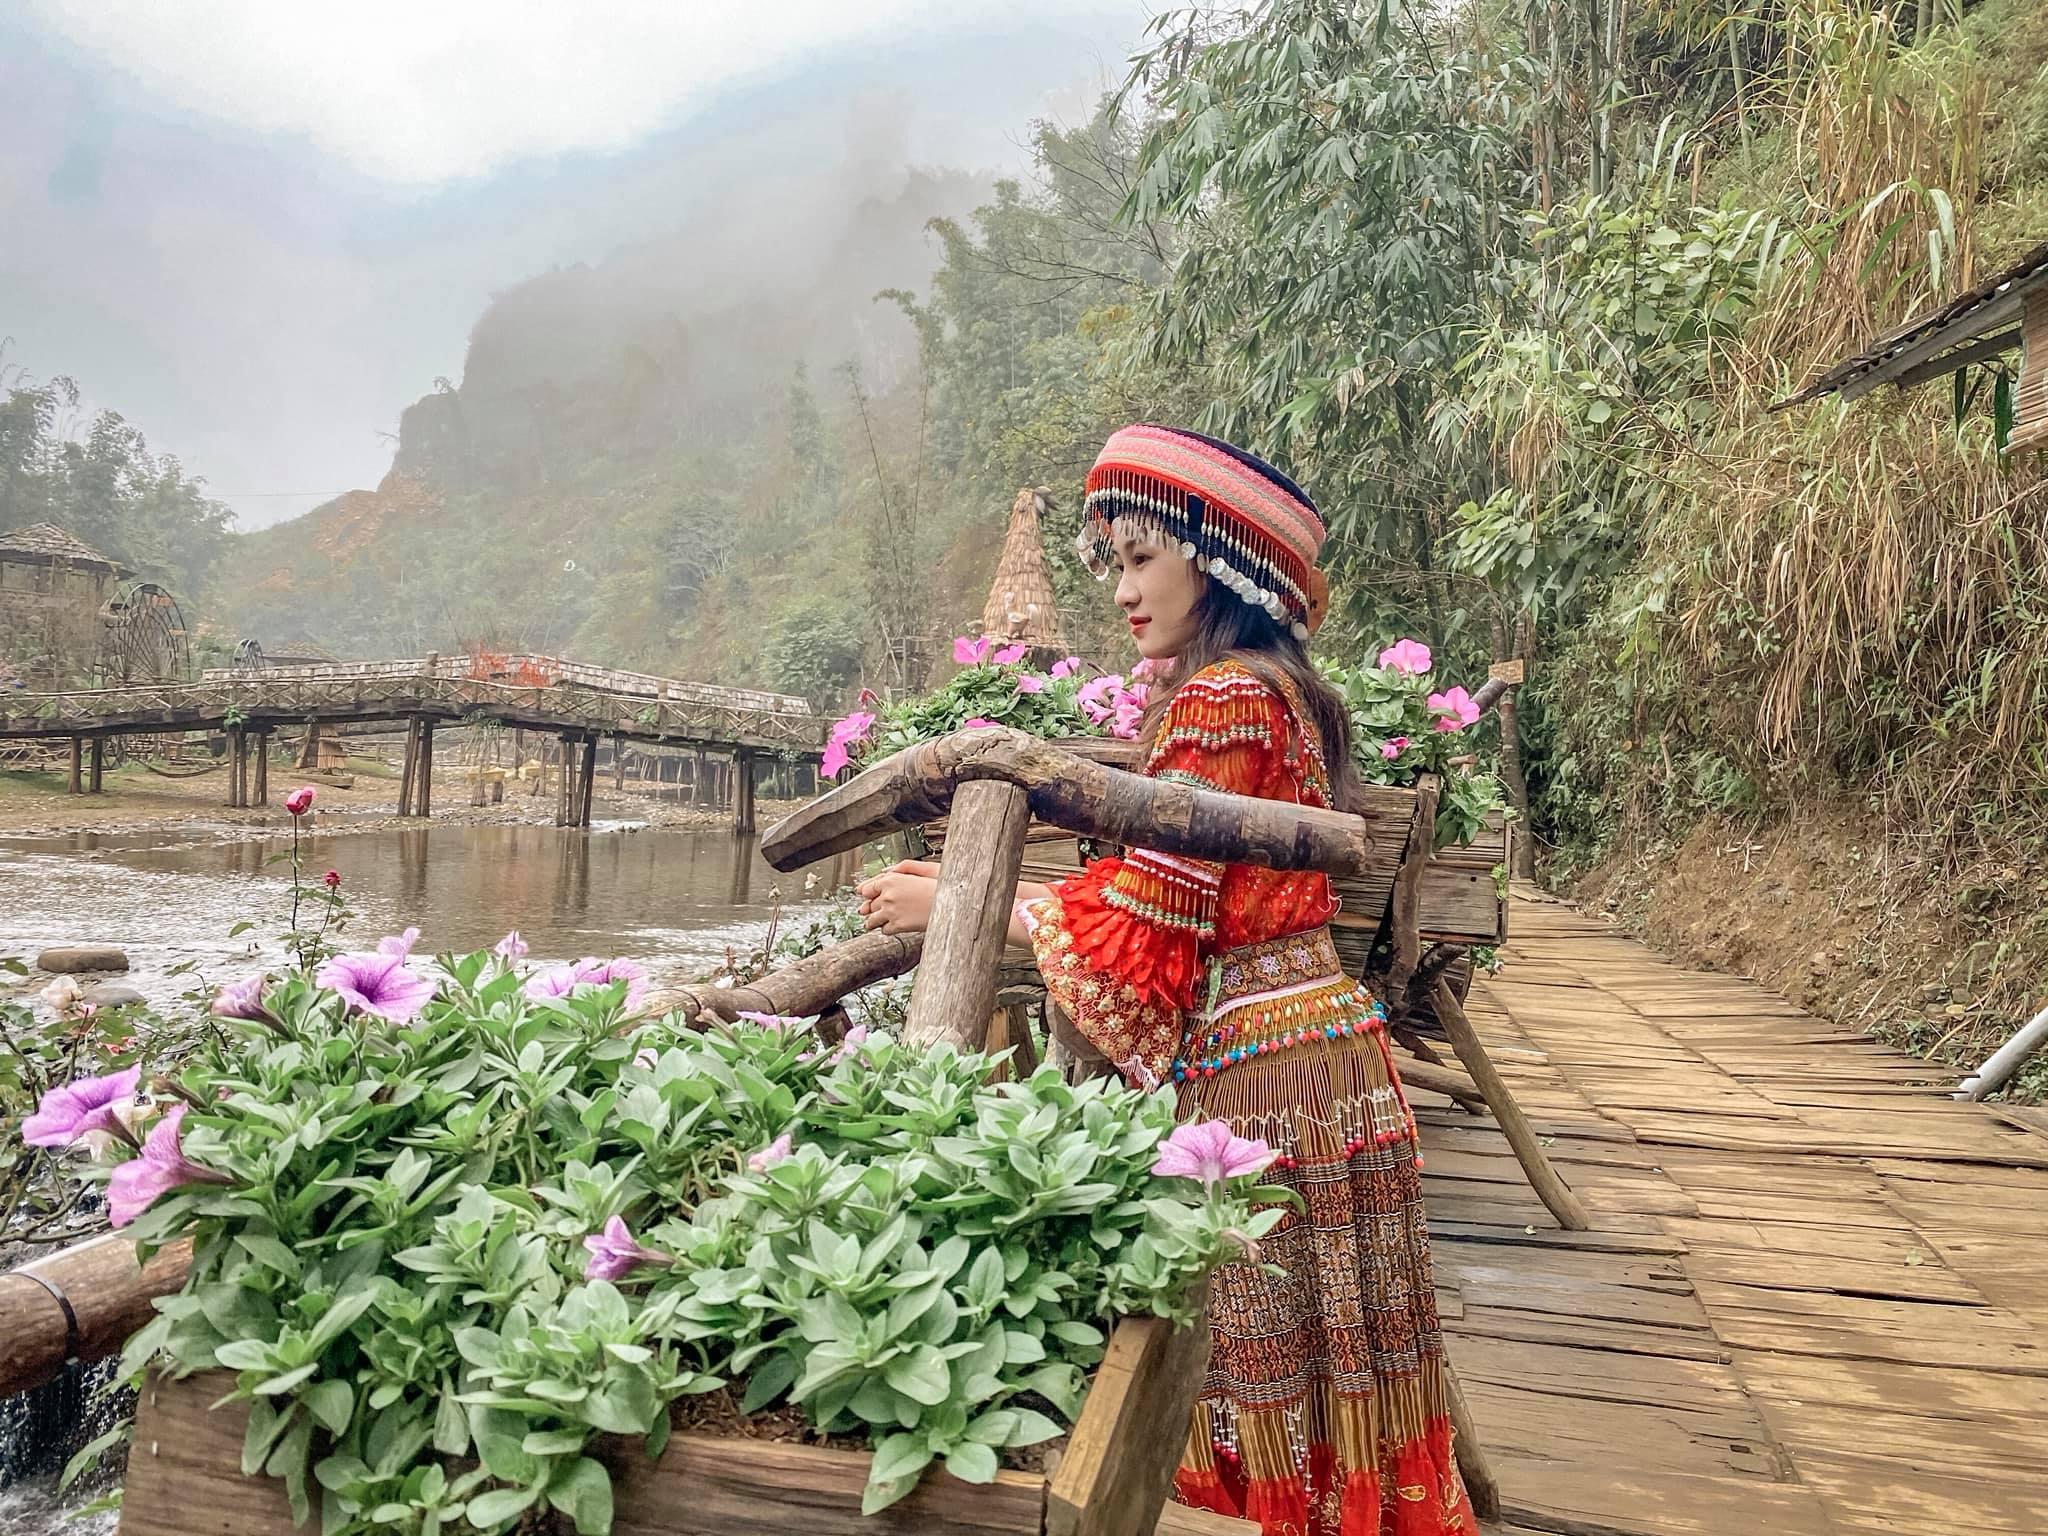 Tour du lịch Sapa từ Quảng Ninh: Rộn rã ngày hè với những gói tour cực ưu đãi  - Ảnh 6.